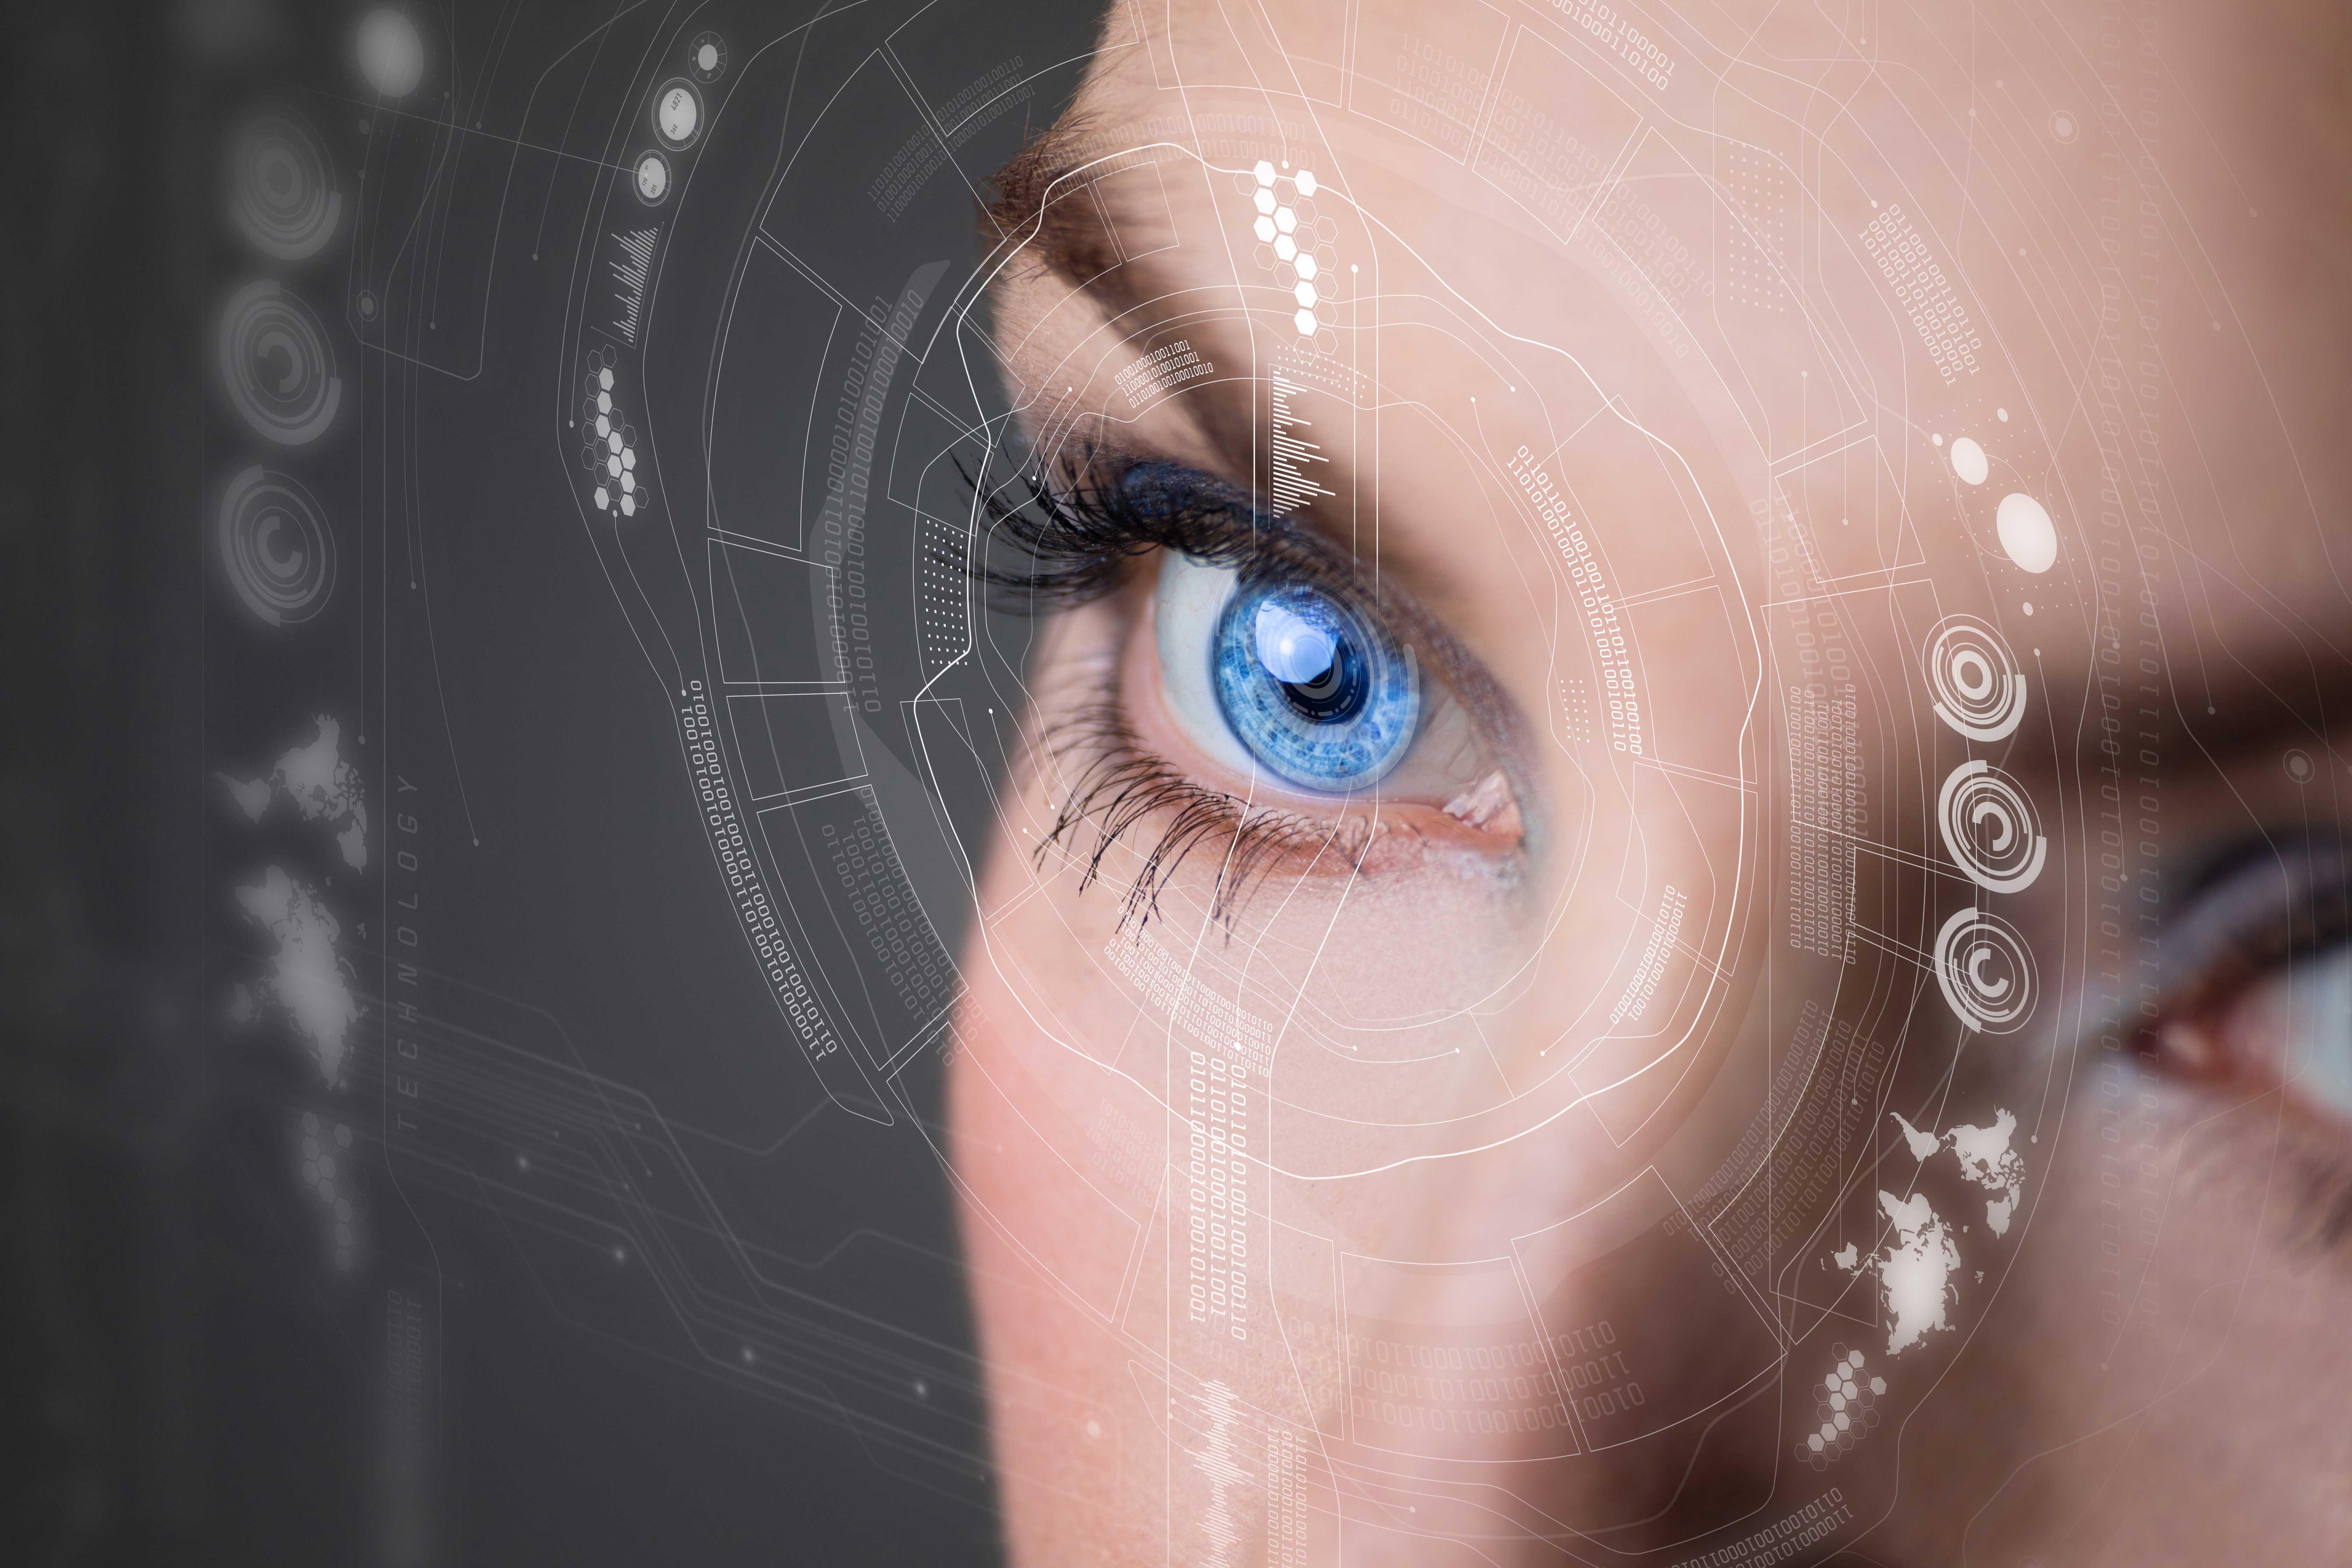 Göz Enfeksiyonuna Ne İyi Gelir: Göz Enfeksiyonuna Bitkisel Çözüm